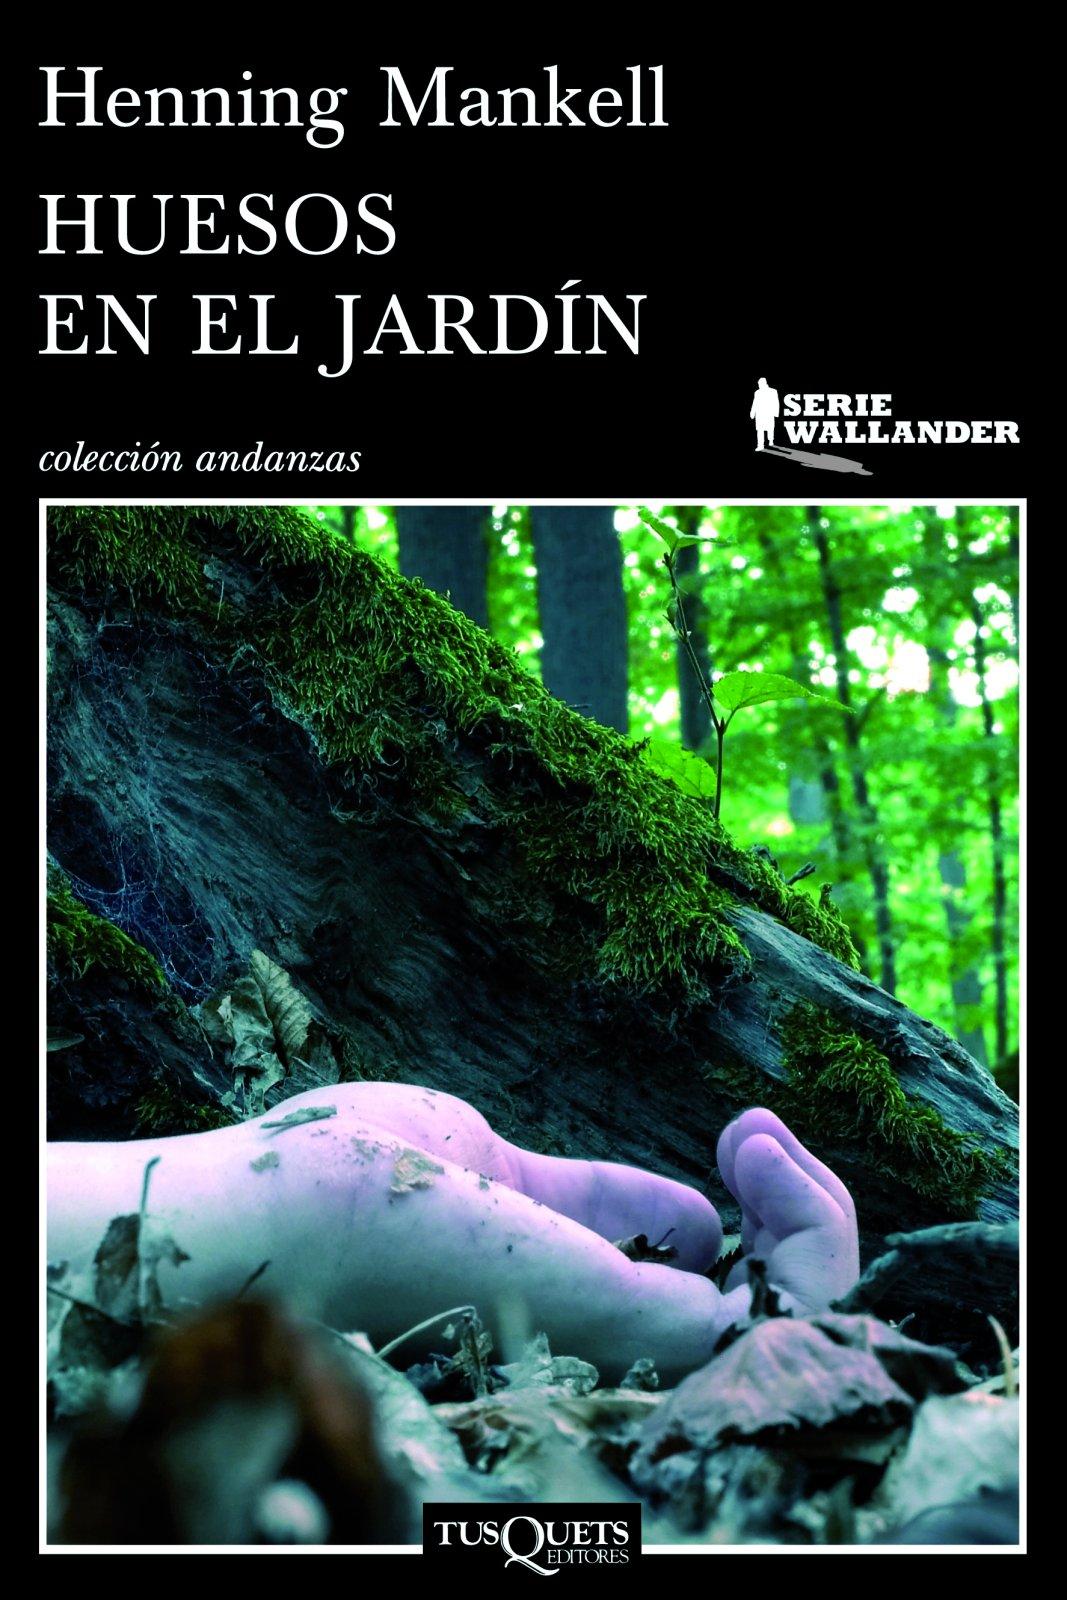 SPA-HUESOS EN EL JARDIN (Serie Wallander): Amazon.es: Mankel, Henning: Libros